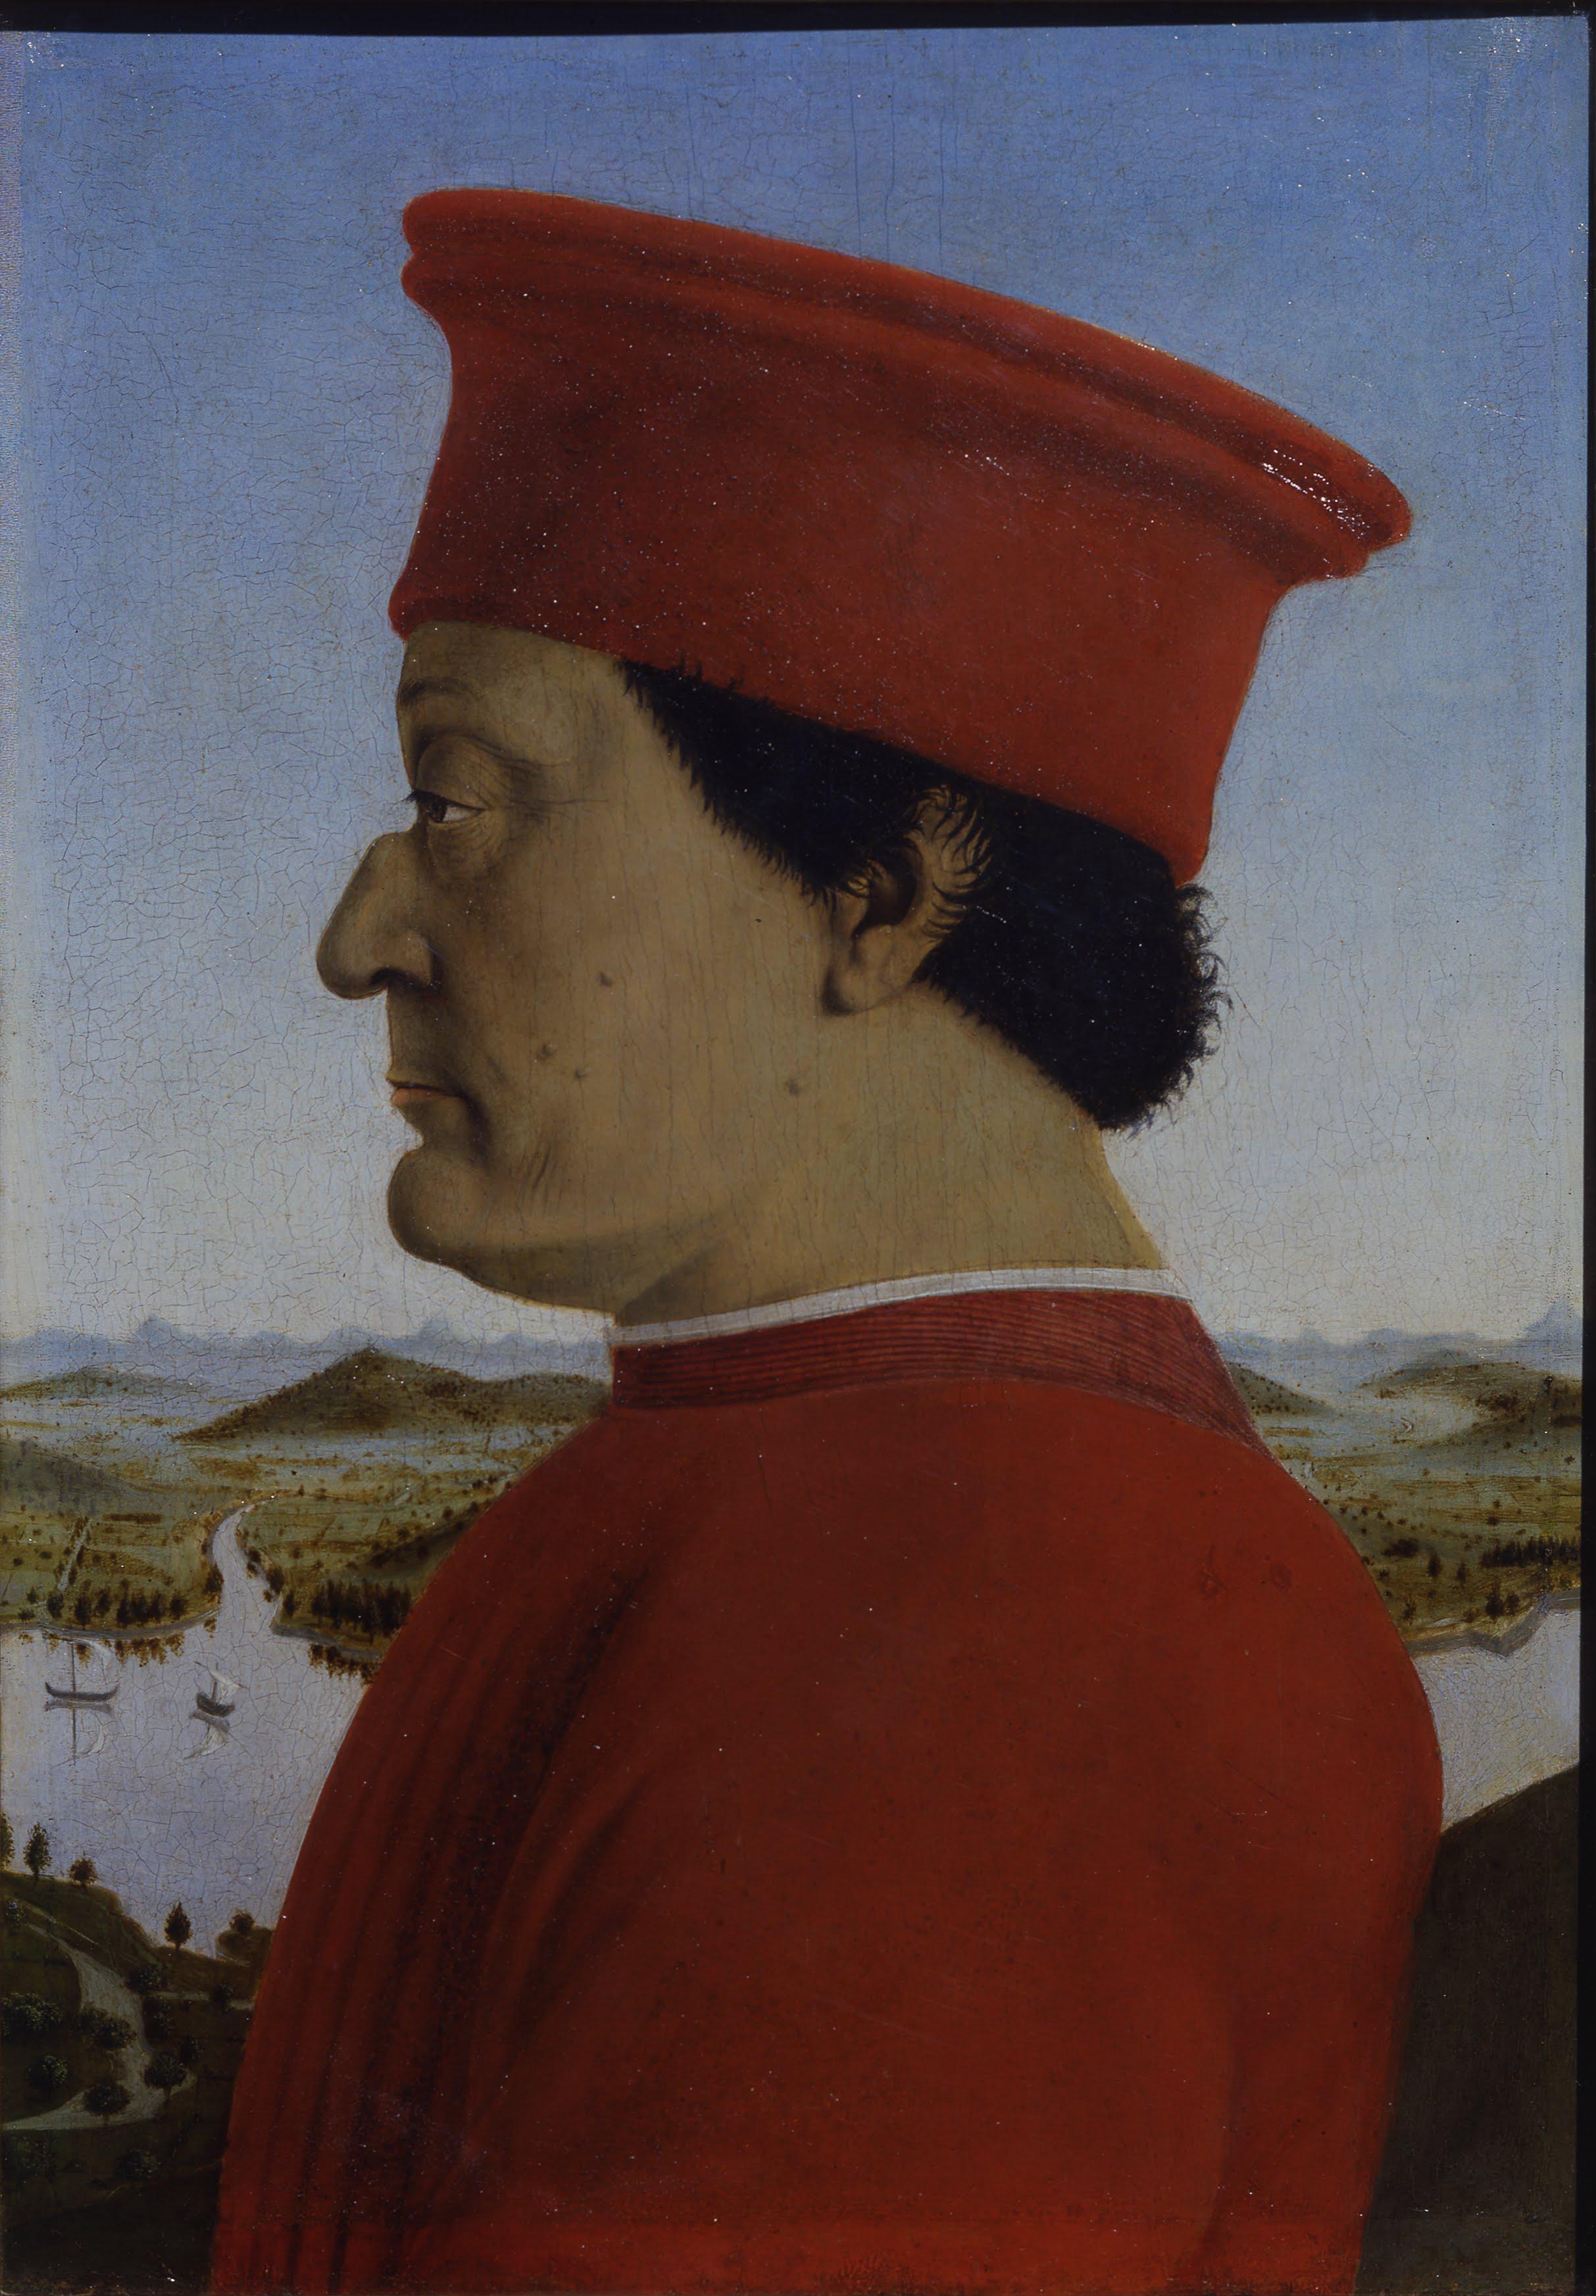 <img200*0:http://upload.wikimedia.org/wikipedia/commons/c/cd/Piero_della_Francesca_-_Ritratti_dei_Duchi_di_Urbino_Federico_da_Montefeltro_e_Battista_Sforza_-_Google_Art_Project.jpg>